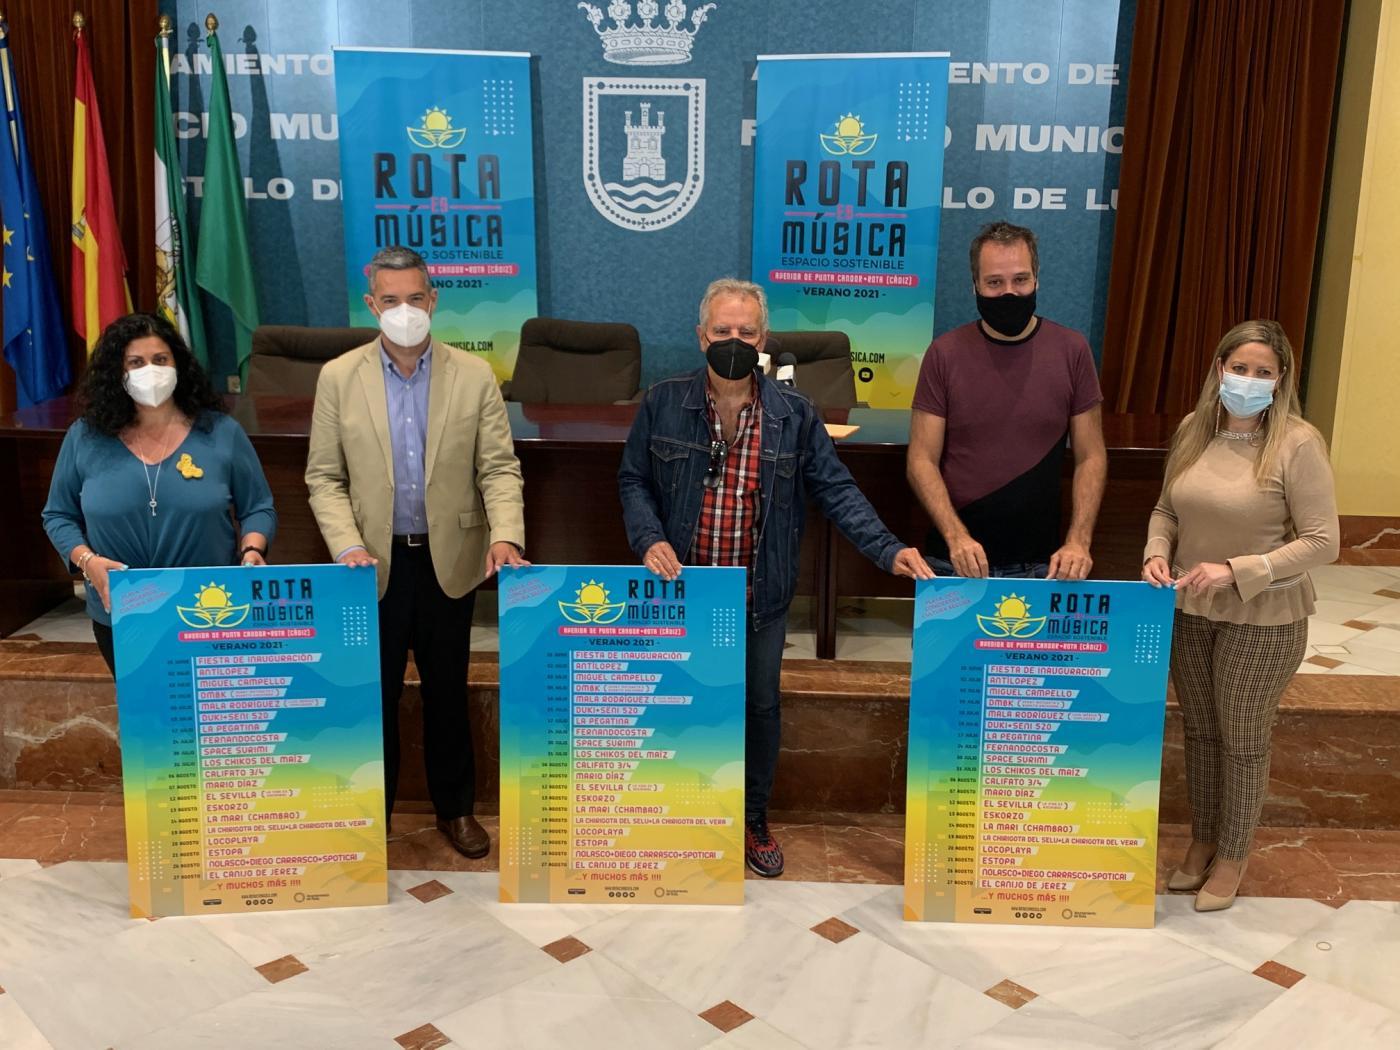 El ciclo de conciertos 'Rota Es Música' traerá a artistas como Estopa al municipio